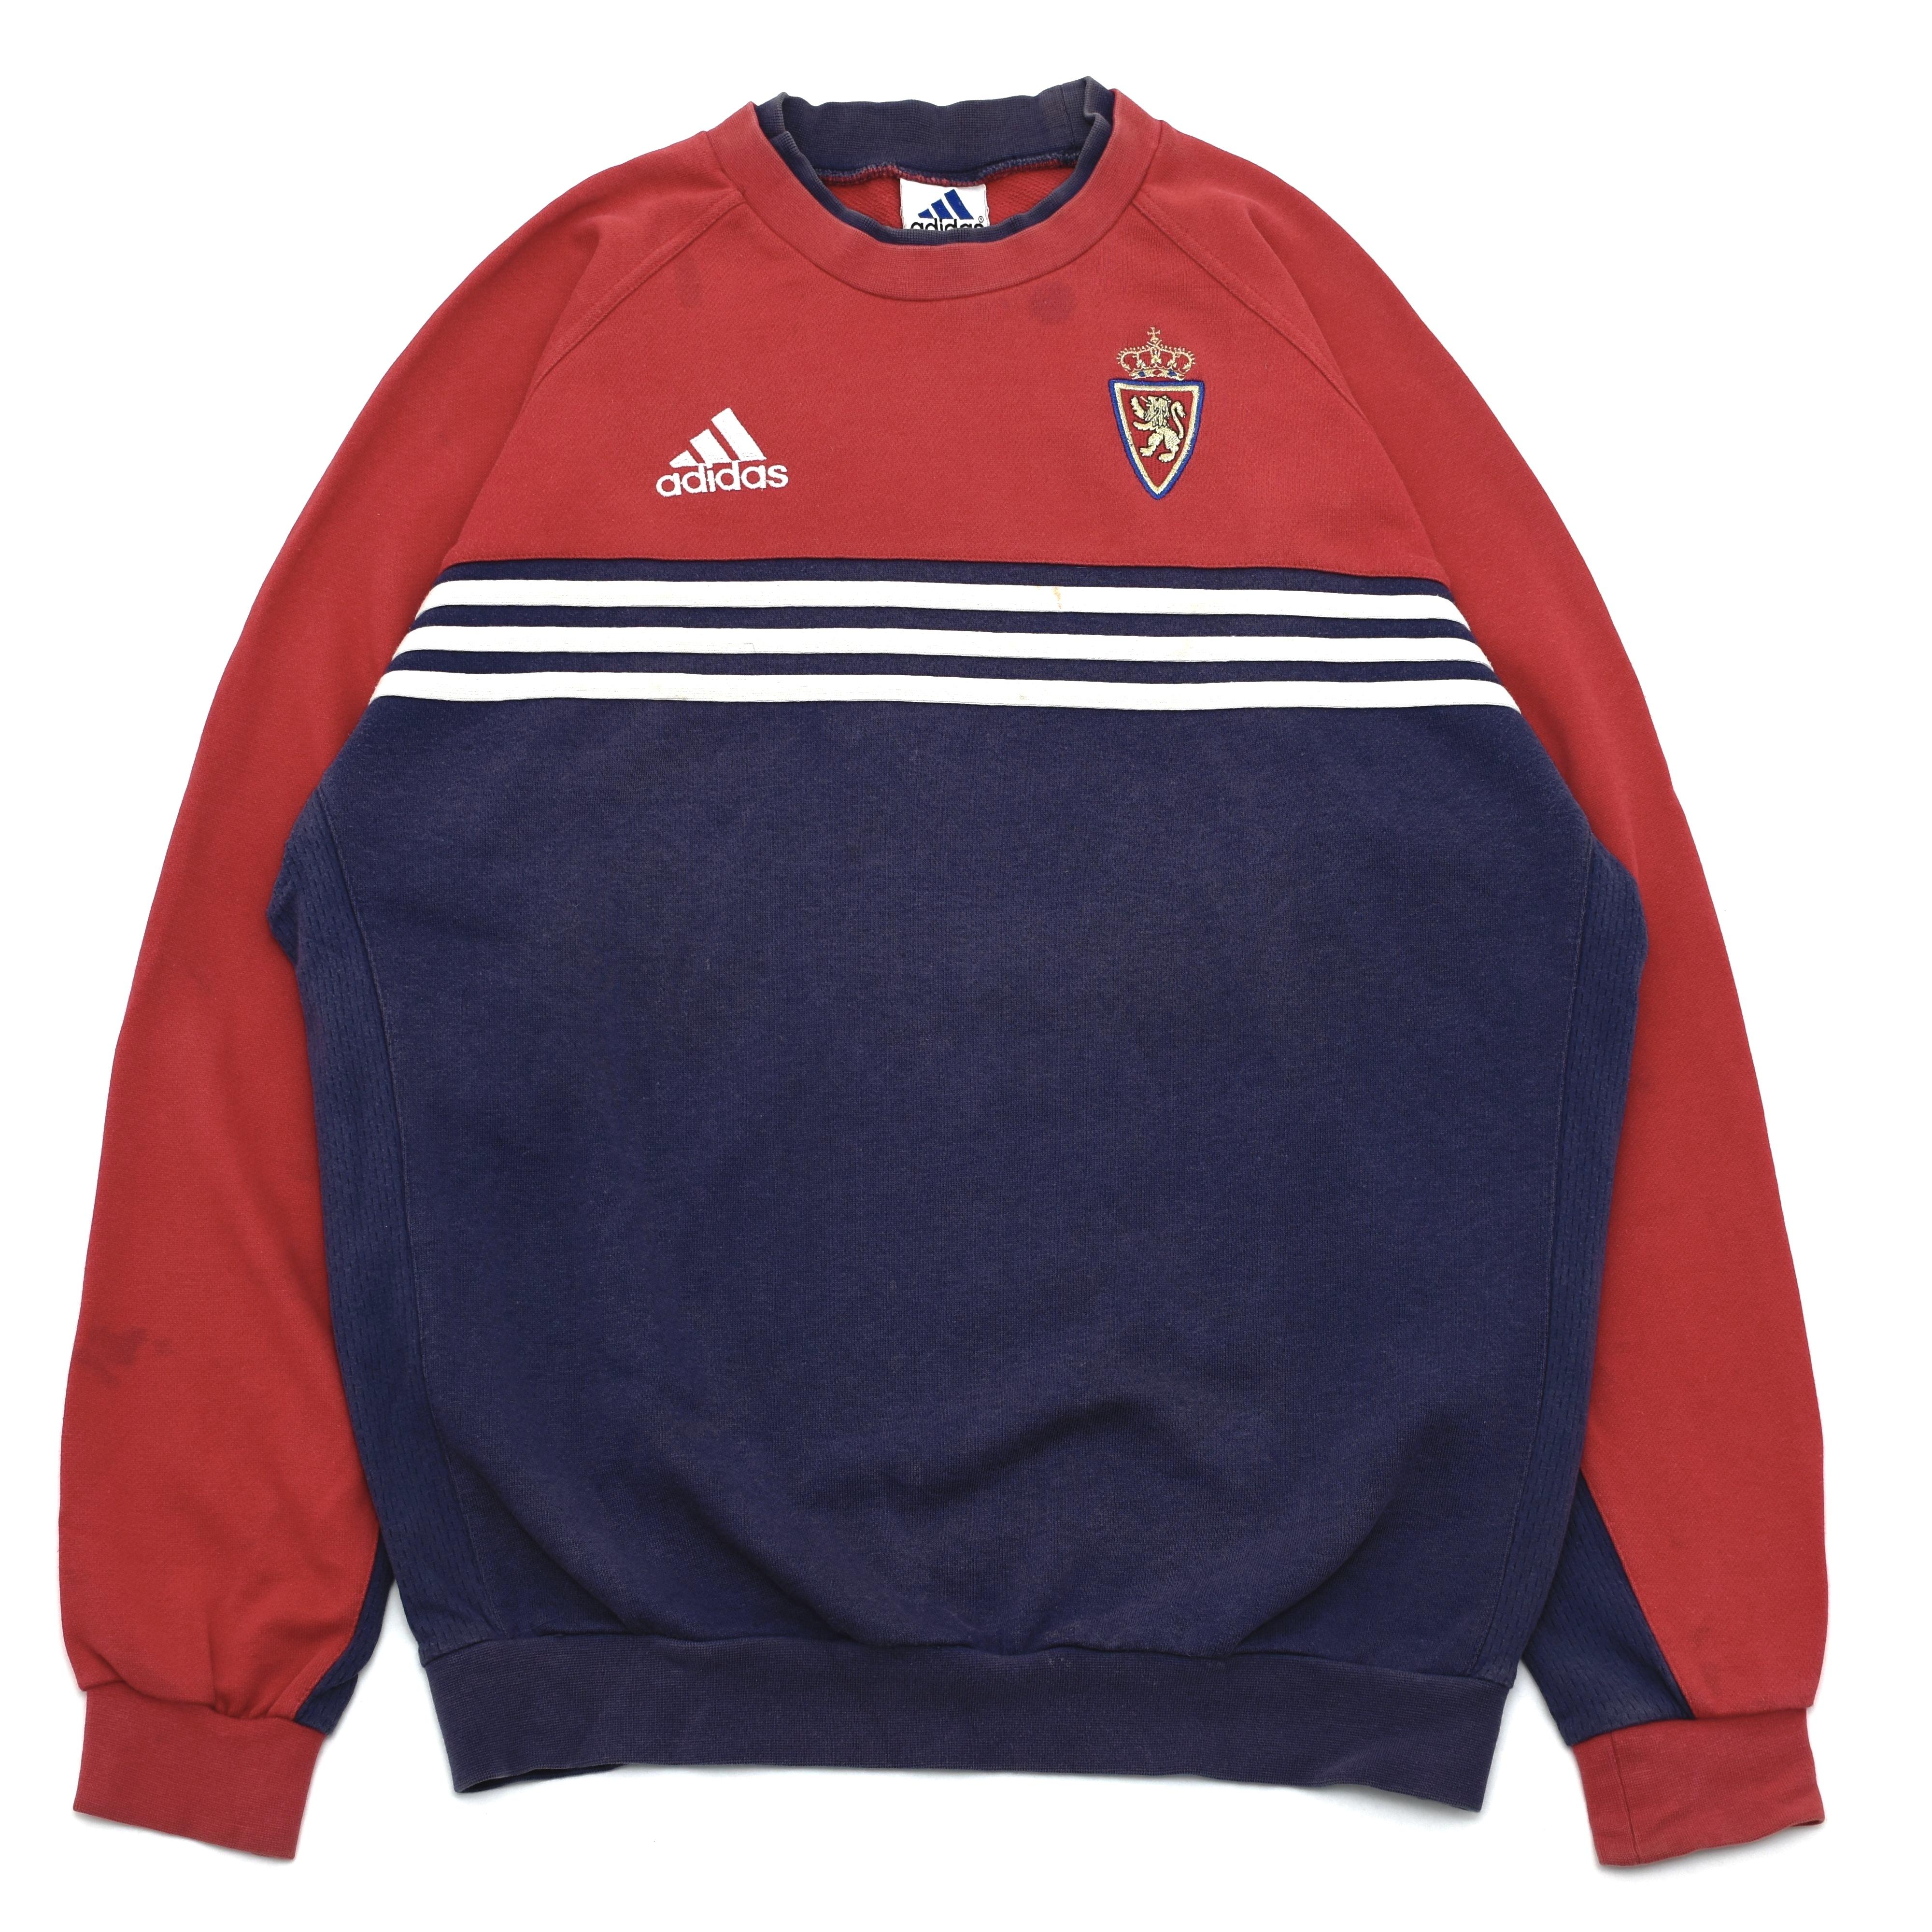 90's adidas tricolor color sweatshirt